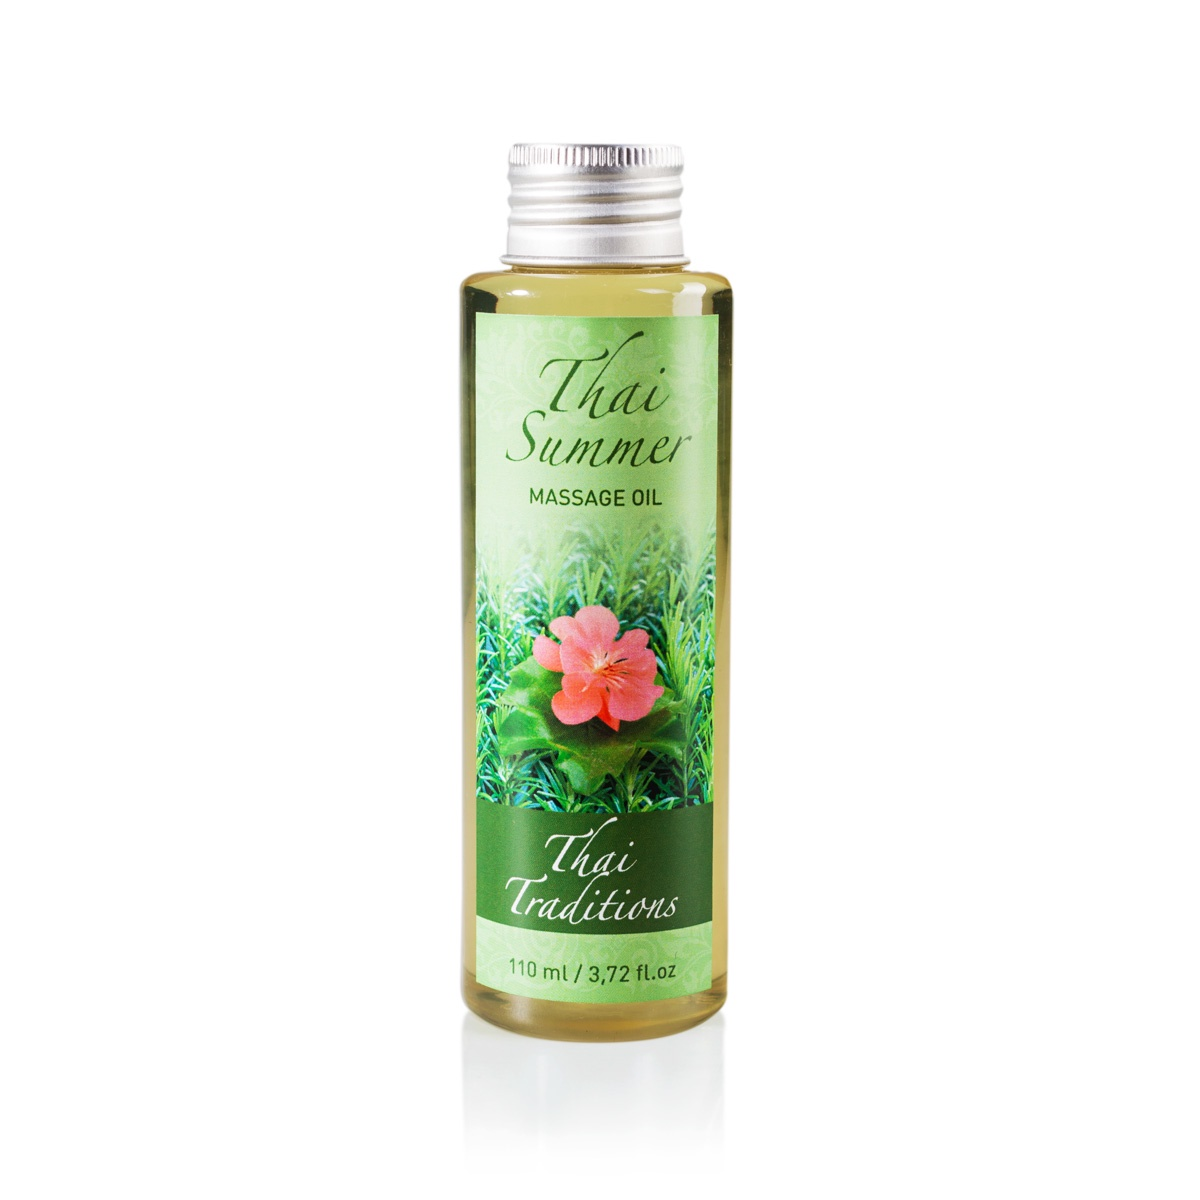 Масло массажное Thai Traditions Тайское лето, 110 млPB-OM-034-00110Нежное массажное масло обволакивает тропическим ароматом и одновременно бережно ухаживает за кожей: увлажняет, смягчает, питает и замедляет процессы старения. Причудливая смесь цвета, запаха, солнца и цветов - вот, что такое тайское лето. Ярким, чувственным ароматом композиции из эфирных масел Тайское Лето перенесет в самые тропики, на обласканный теплым бризом берег моря. Жирные кислоты и витамины из рисового и миндального масел - главные агенты, которые отвечают за активизацию процессов регенерации кожи, - обеспечивают питание и увлажнение кожи на всех слоях. Эфирные масла отвечают за трепетный, чарующий аромат, а также способствуют глубокой очистке кожи и снимают раздражение, разглаживают и омолаживают кожу, улучшают тонус, осветляют и освежают тон кожи. Способ применения: нанесите масло на кожу и массируйте круговыми движениями.